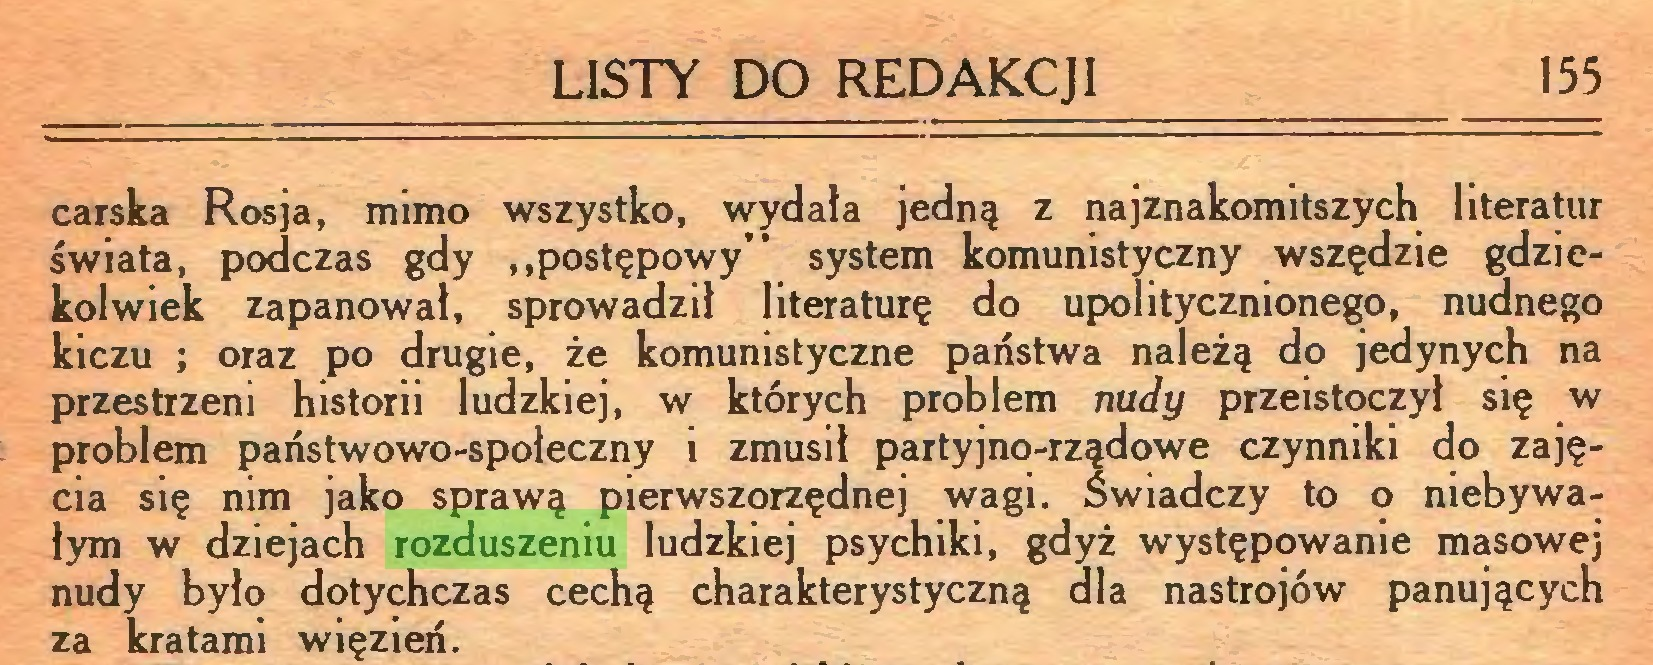 """(...) LISTY DO REDAKCJI 155 carska Rosja, mimo wszystko, wydała jedną z najznakomitszych literatur świata, podczas gdy """"postępowy"""" system komunistyczny wszędzie gdziekolwiek zapanował, sprowadził literaturę do upolitycznionego, nudnego kiczu ; oraz po drugie, że komunistyczne państwa należą do jedynych na przestrzeni historii ludzkiej, w których problem nudy przeistoczył się w problem państwowo-społeczny i zmusił partyjno-rządowe czynniki do zajęcia się nim jako sprawą pierwszorzędnej wagi. Świadczy to o niebywałym w dziejach rozduszeniu ludzkiej psychiki, gdyż występowanie masowej nudy było dotychczas cechą charakterystyczną dla nastrojów panujących za kratami więzień..."""